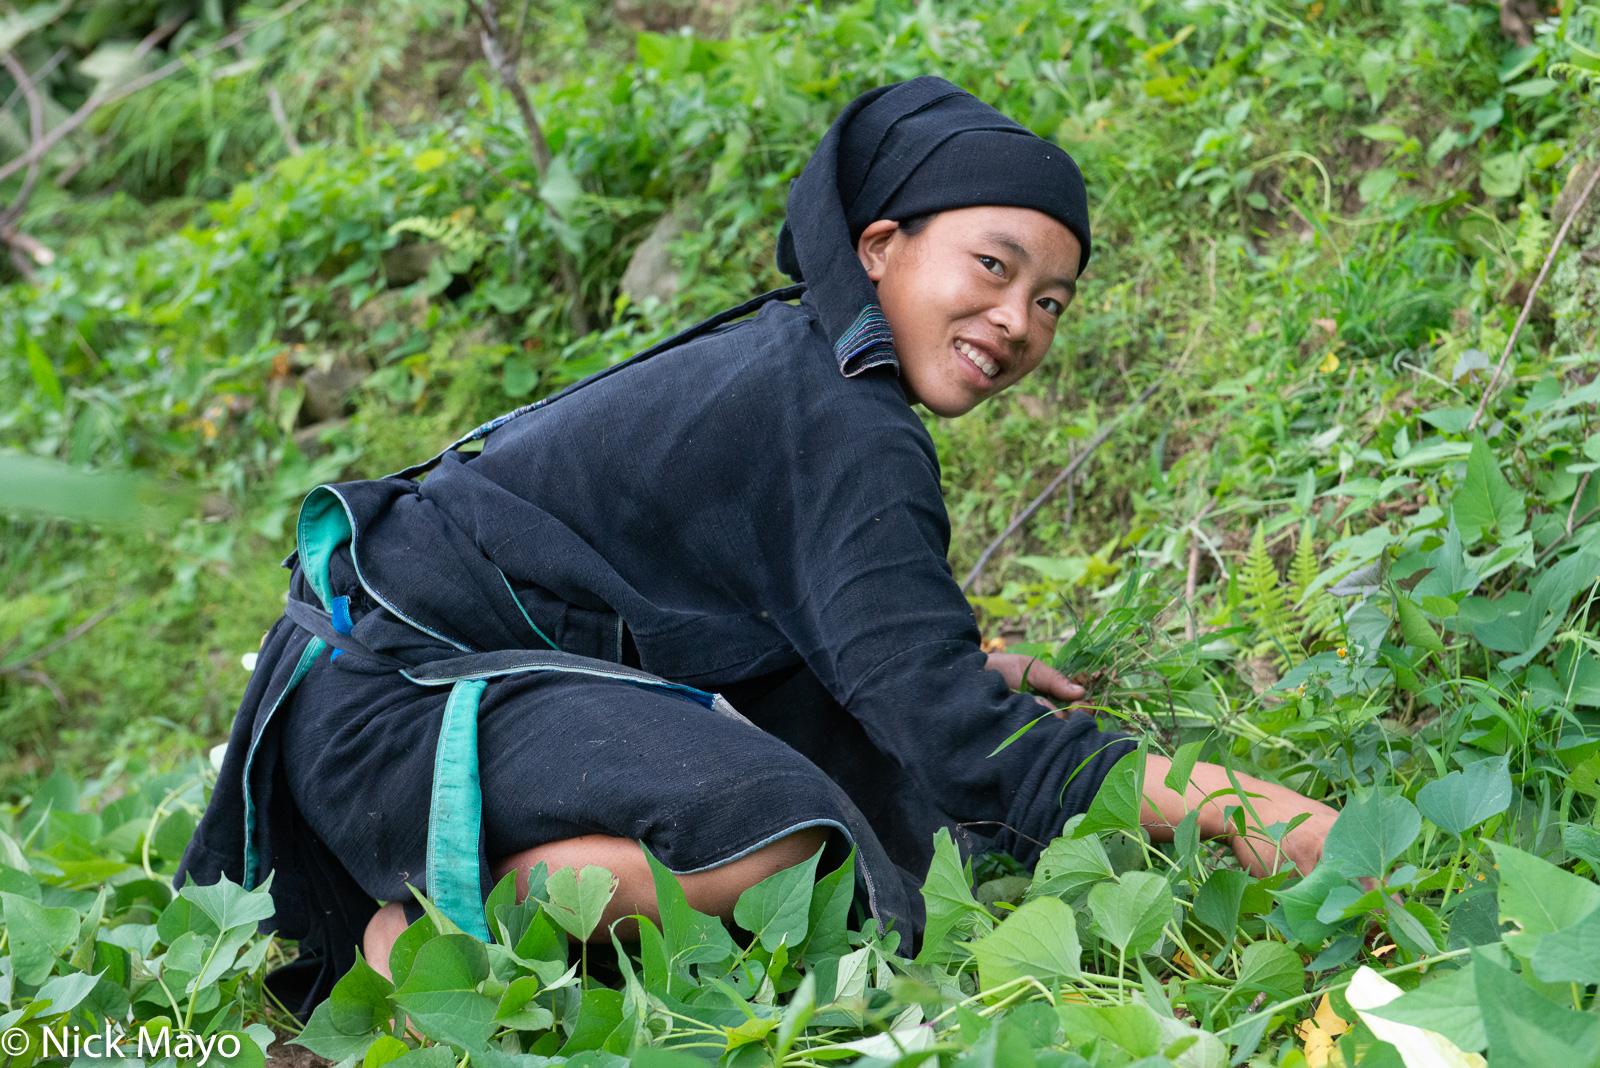 A La Chi girl at Ban Phung picking greens.